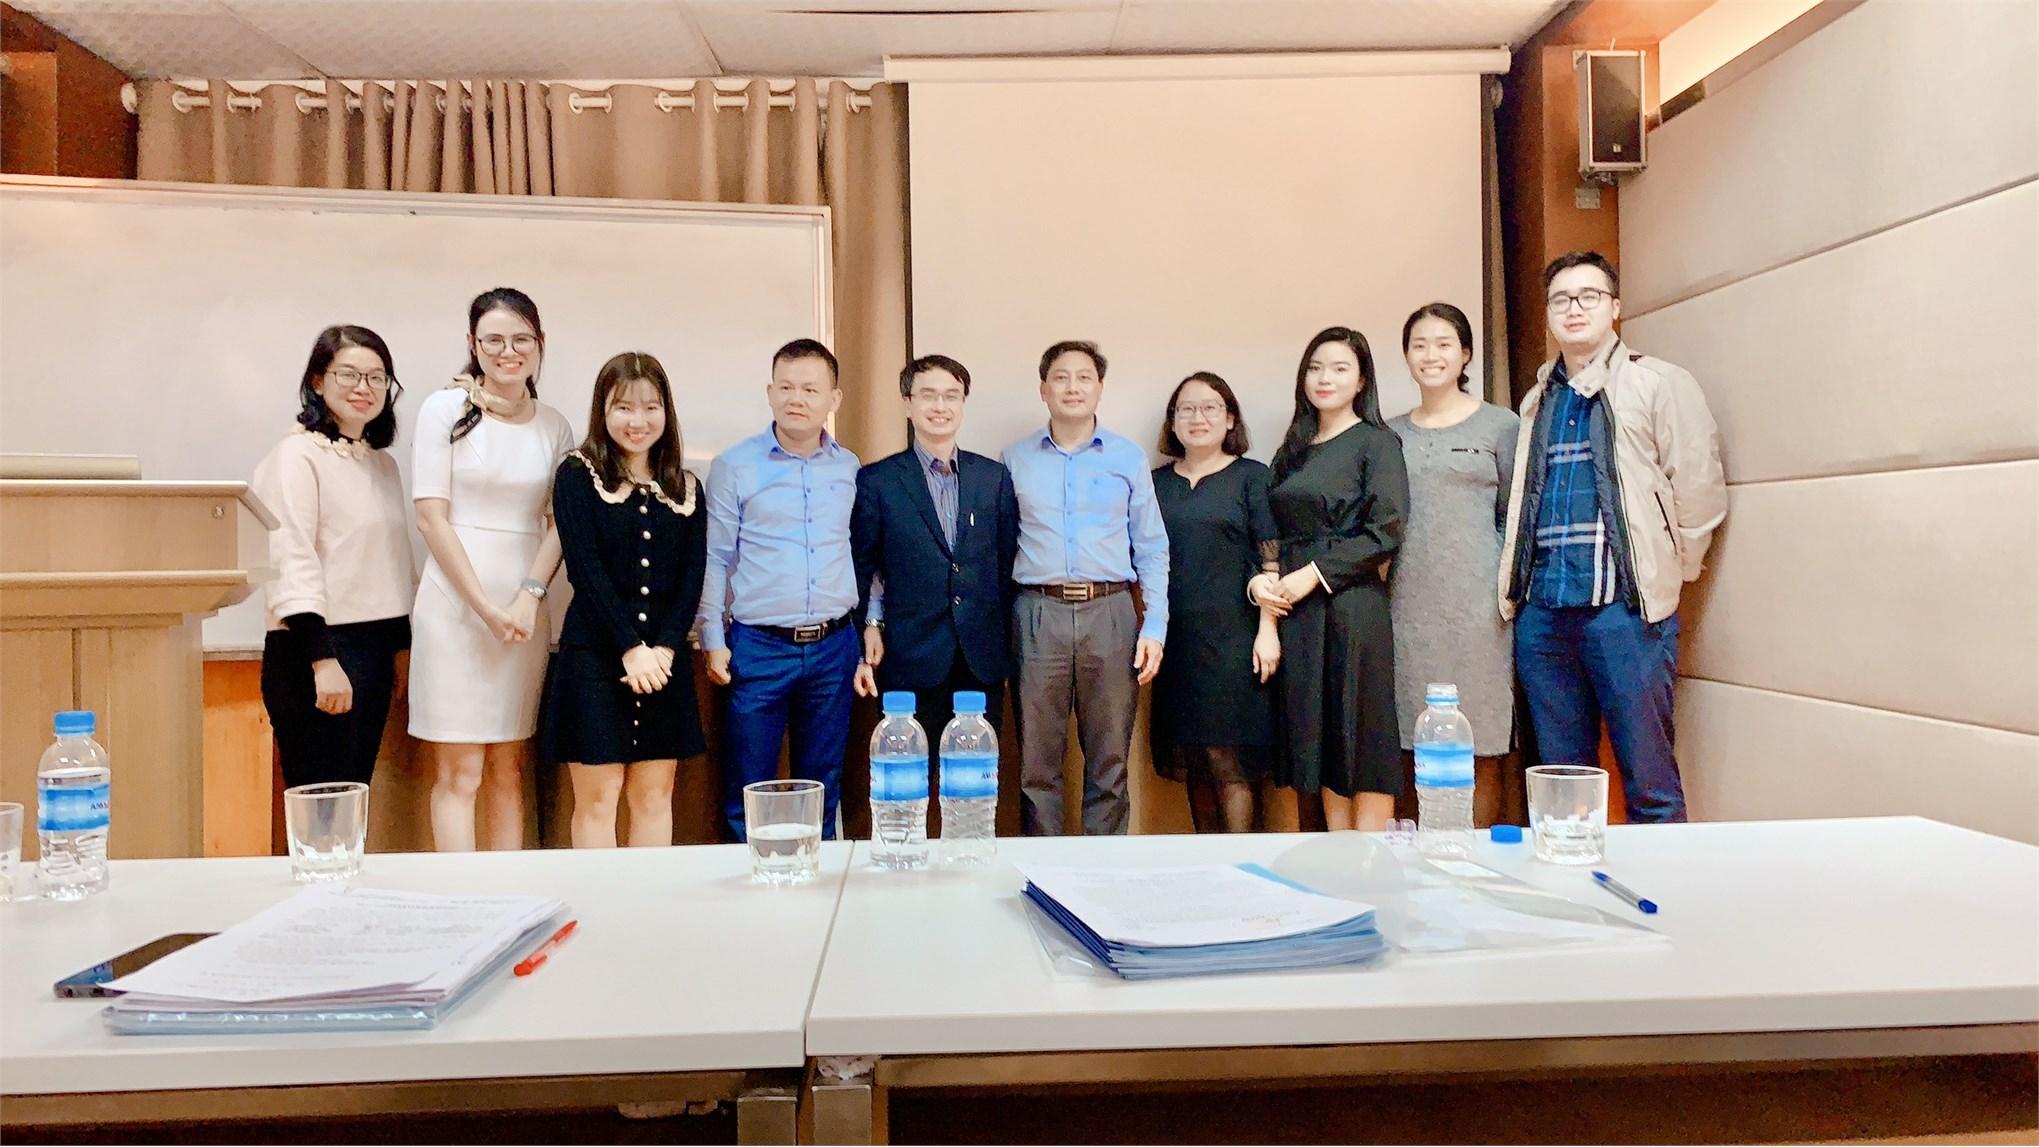 Tổ chức thẩm định đánh giá đề cương luận văn thạc sĩ – Ngành Quản trị kinh doanh cho học viên lớp Cao học QTKD - Khóa 8 đợt 2 (2018-2020).